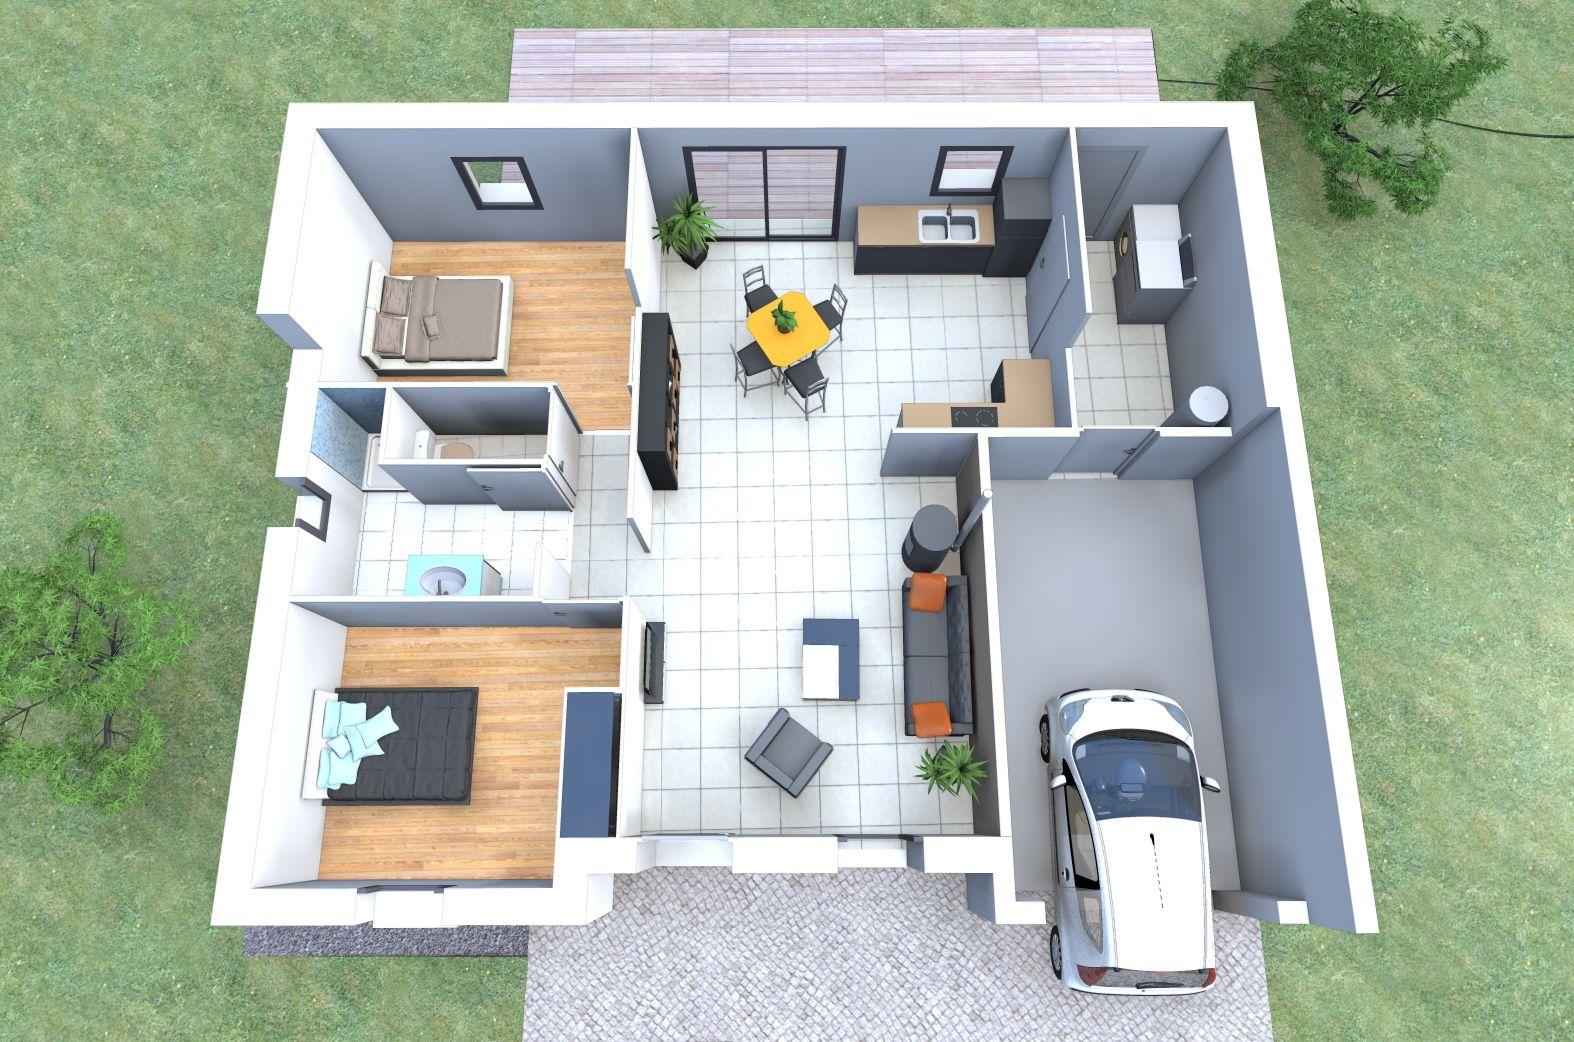 Le modèle de maison datis de alliance construction propose une version 2 chambres pour